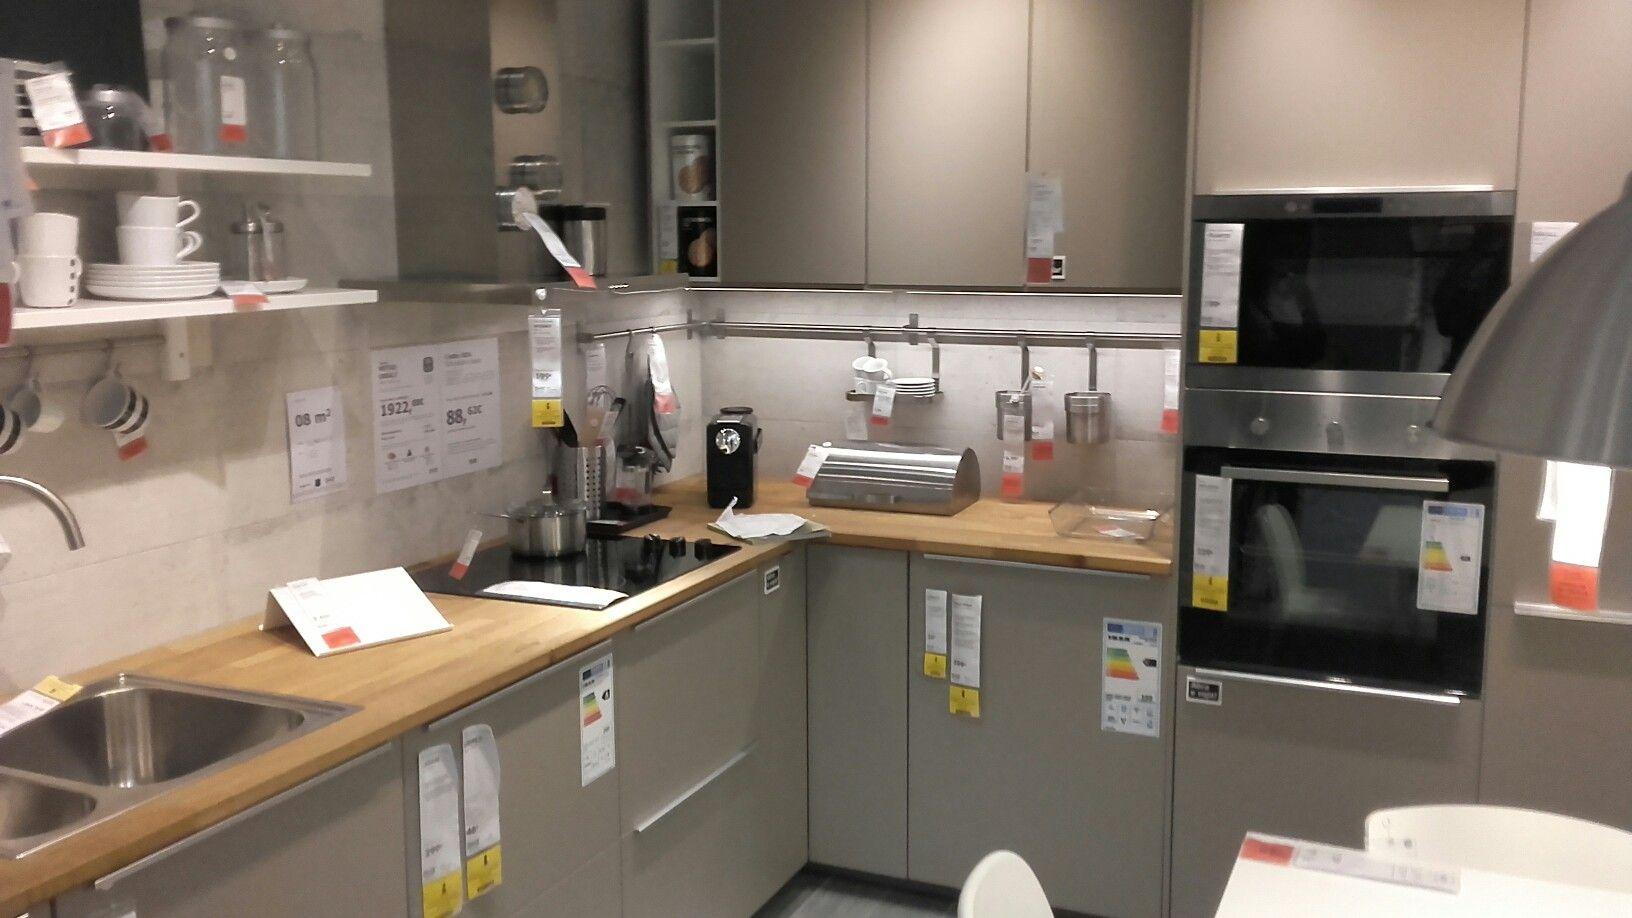 ubbalt kitchen  ikea  küchen design küchendesign